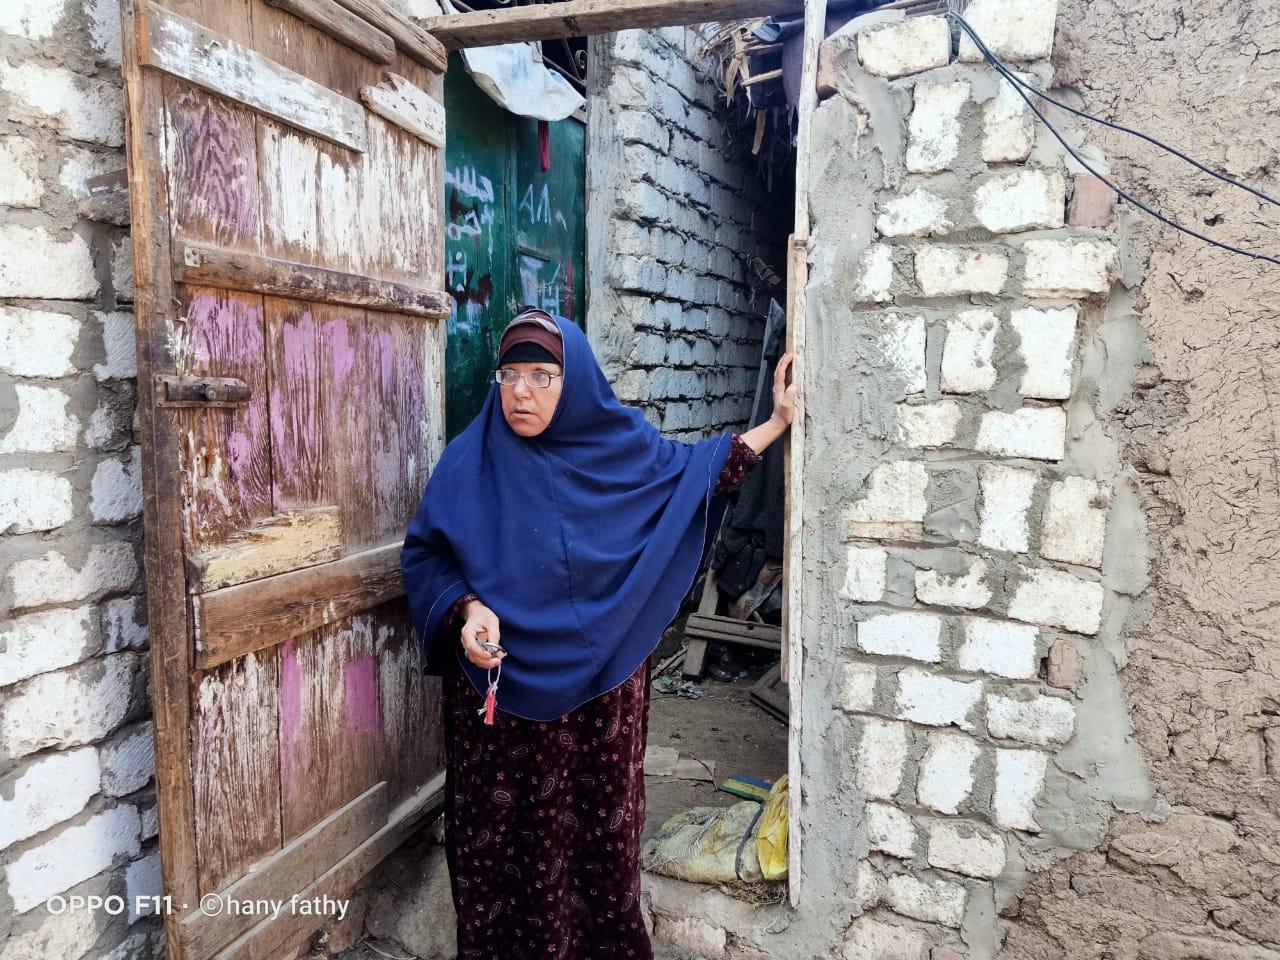 قرية نزلة الزاوية  عمار  التابعة لمركز ببا بمحافظة بنى سويف (5)